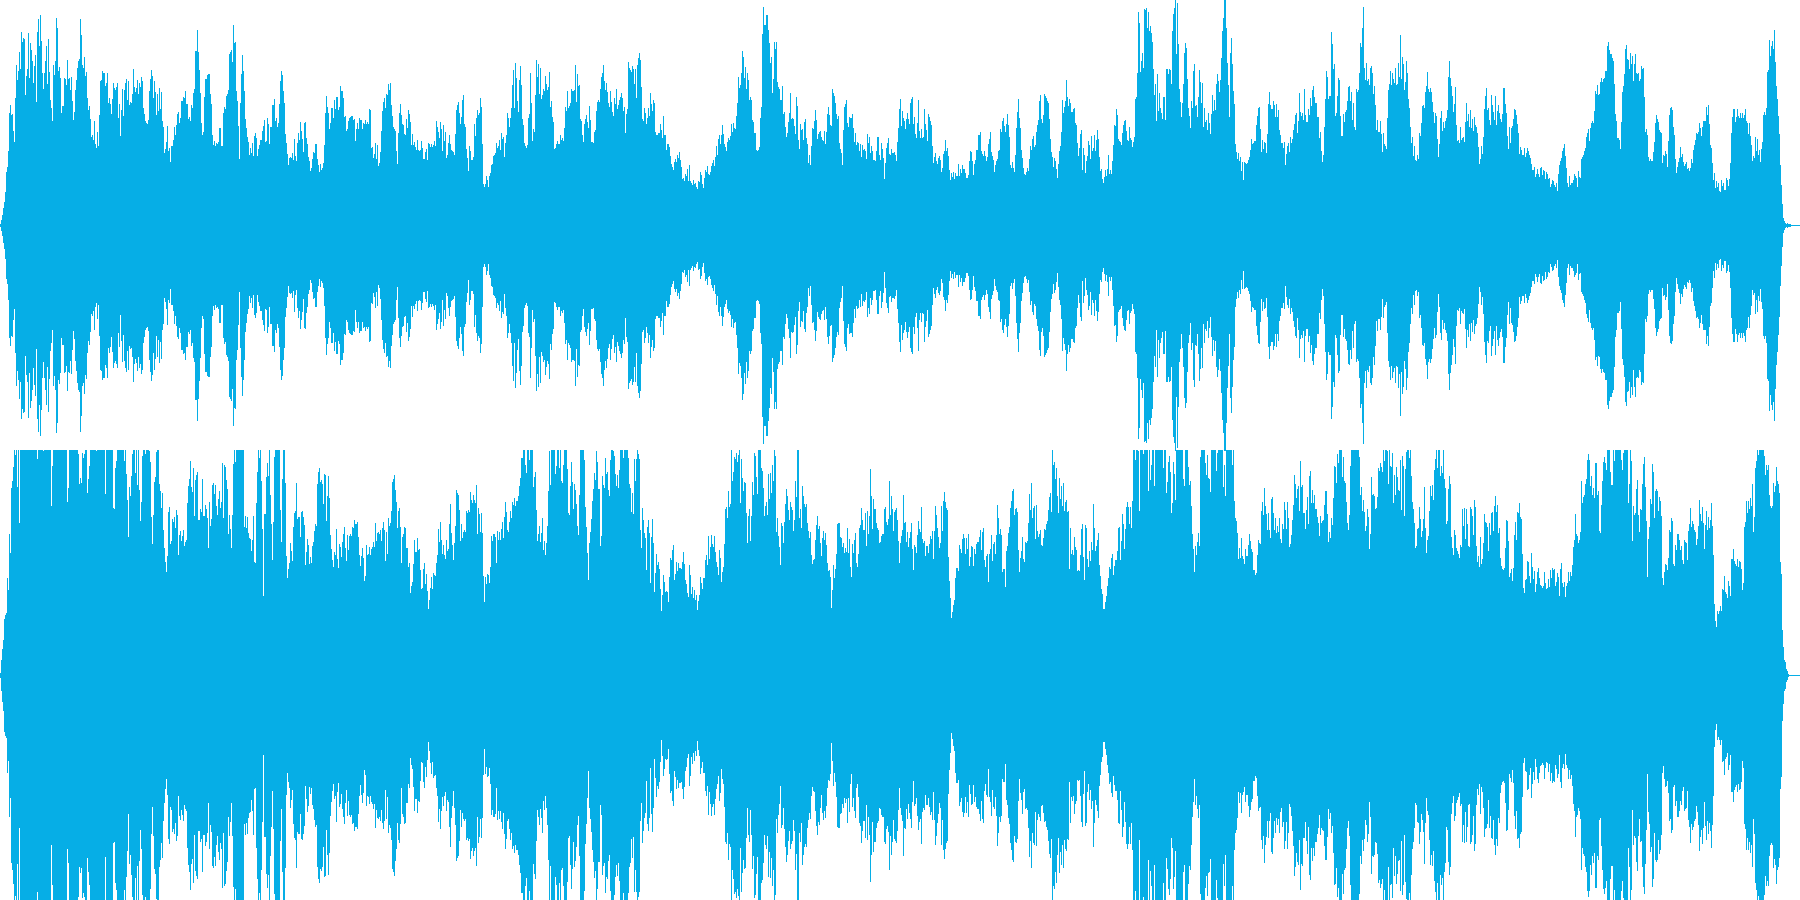 ホラー怪談や恐怖を連想させるBGMの再生済みの波形